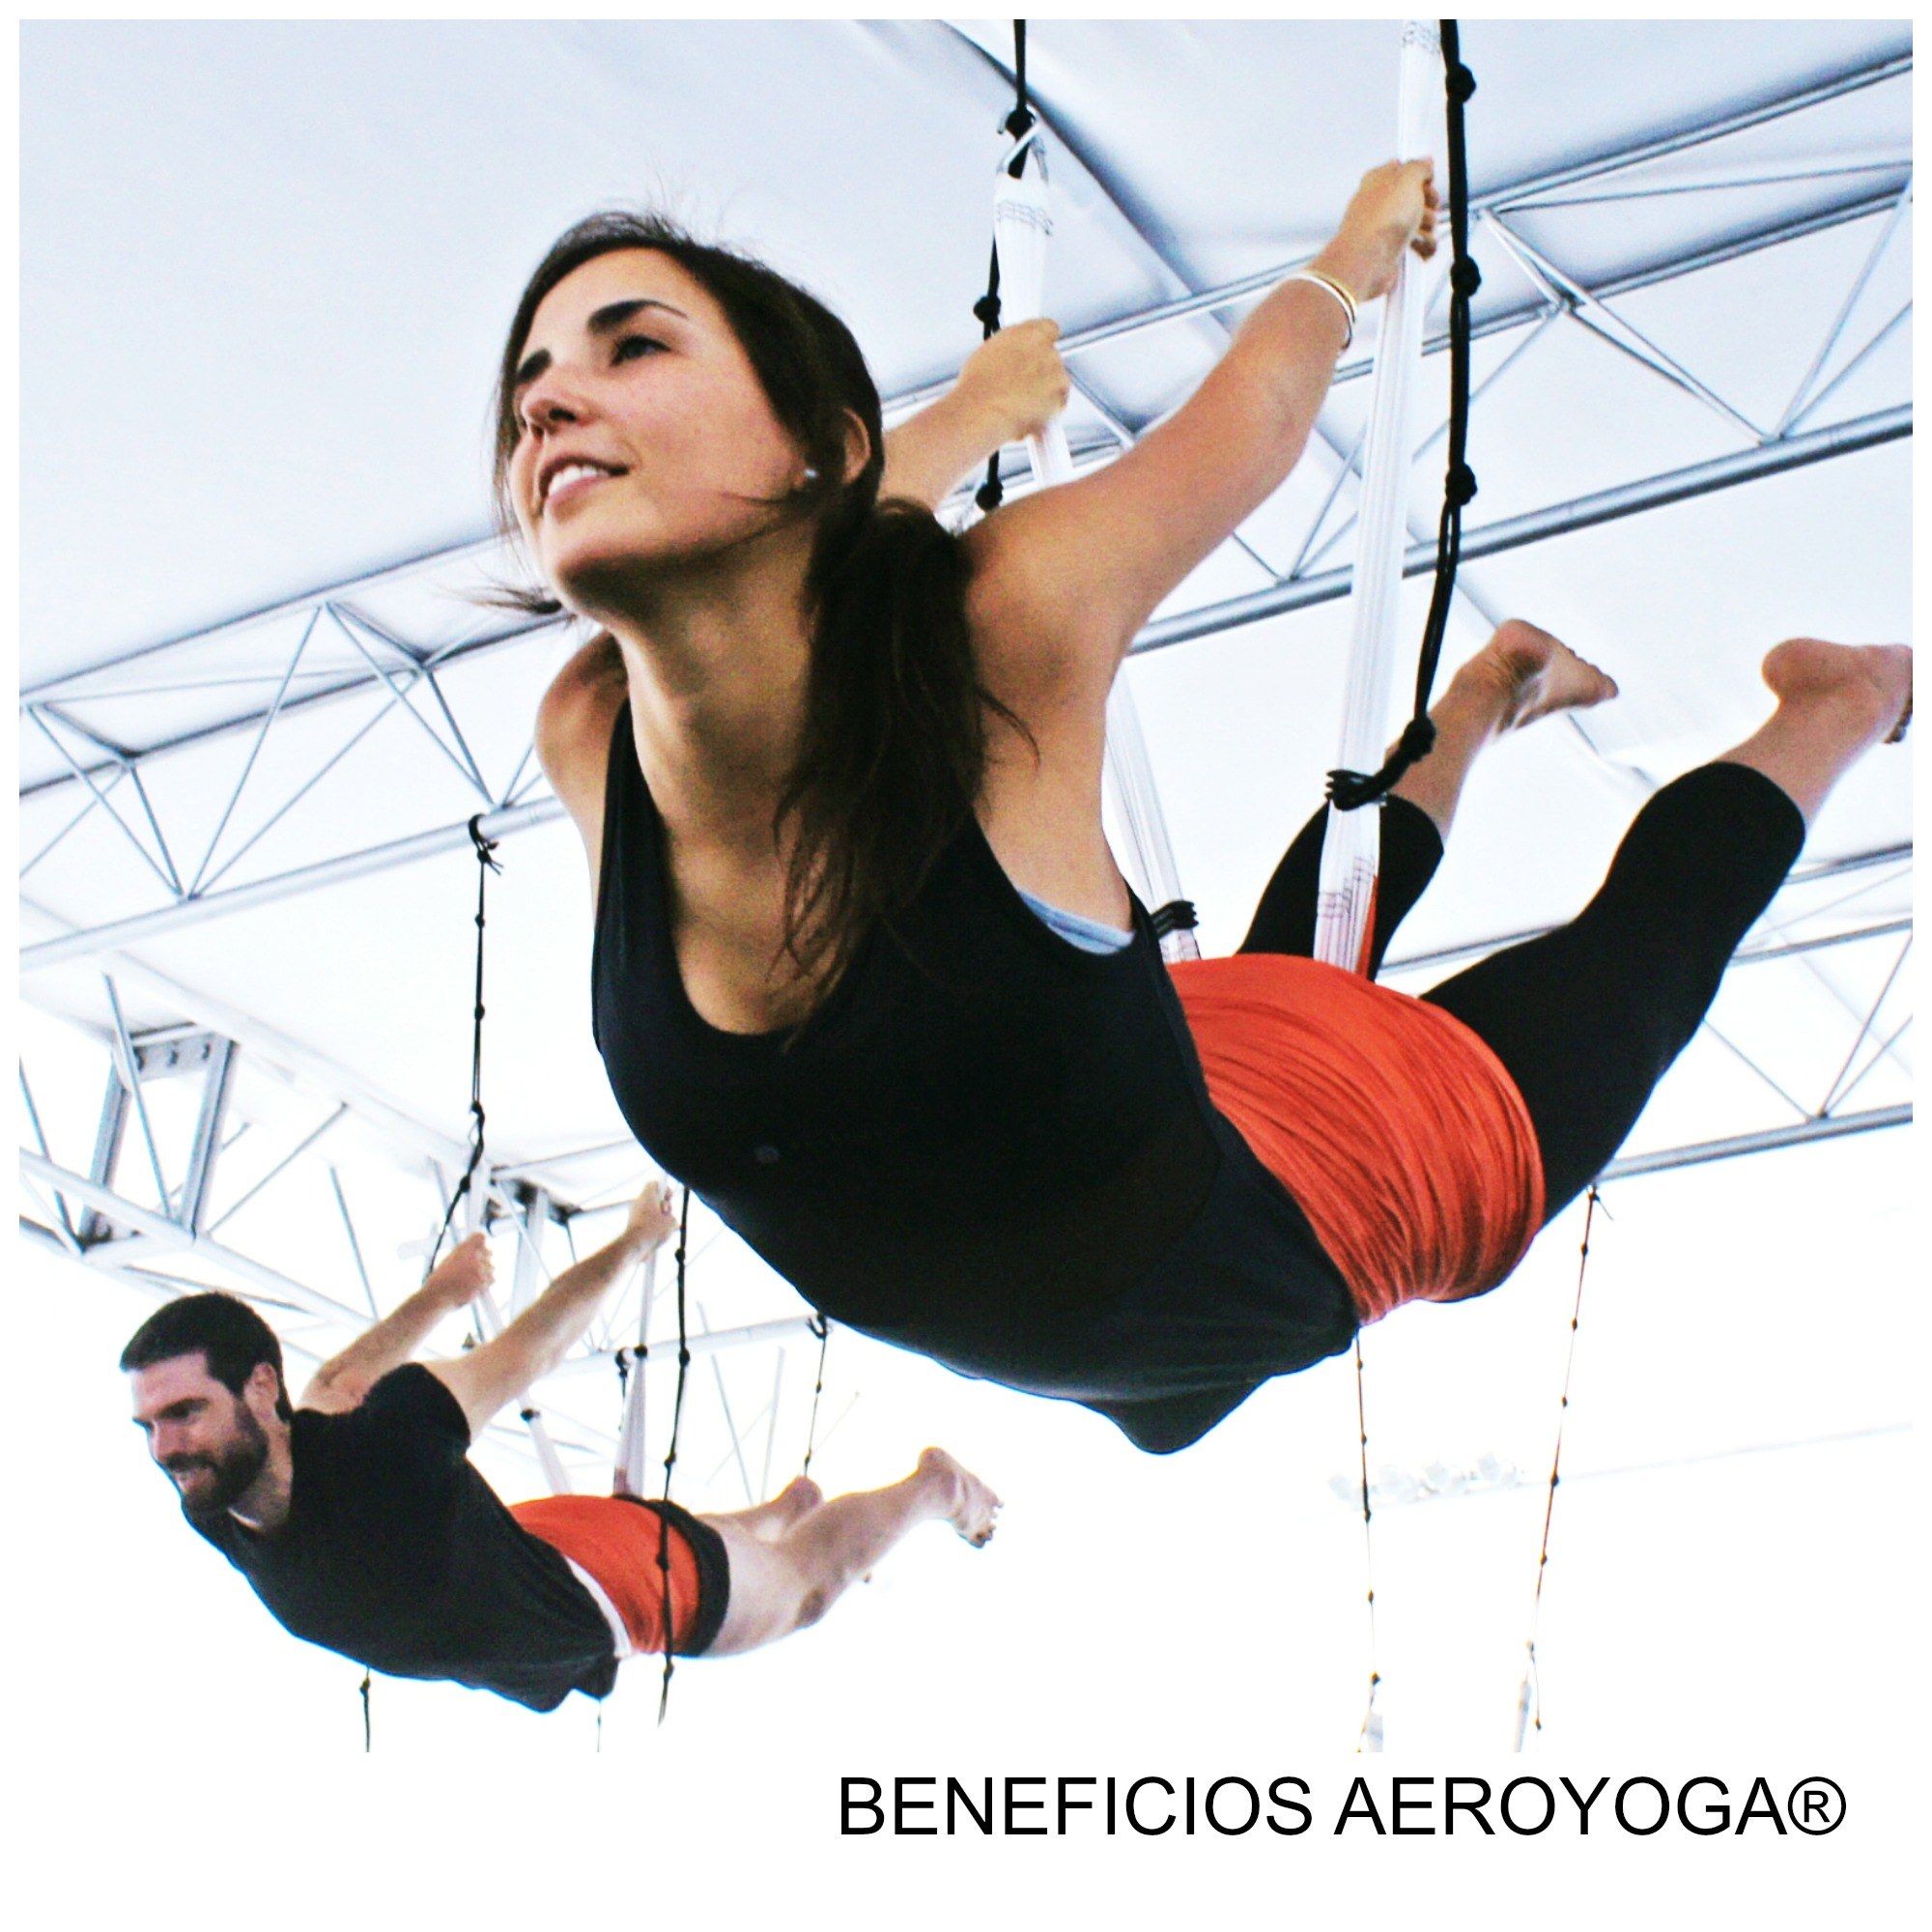 Formación Yoga Aéreo: Descubre los Beneficios para la Salud y el Bienestar del AeroYoga ®